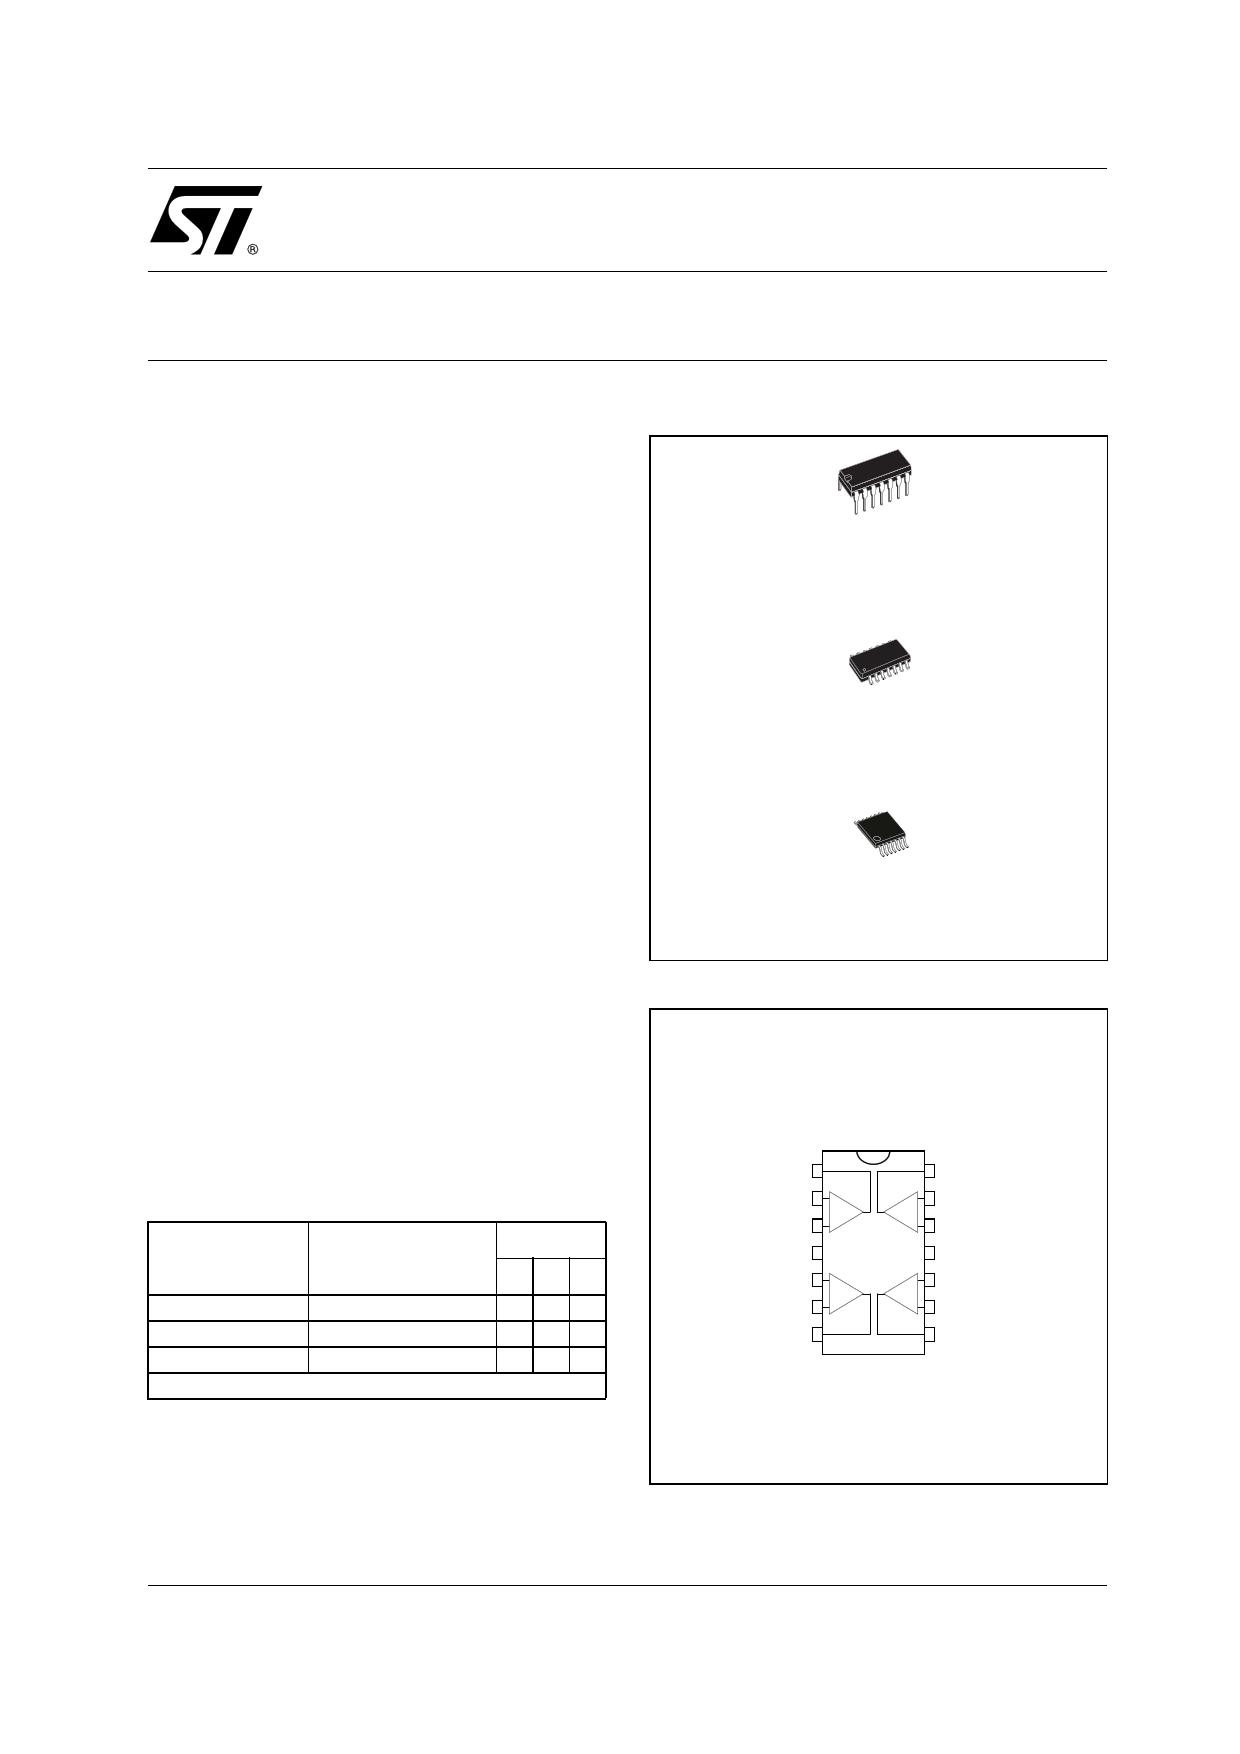 TS27L4CN Datasheet, TS27L4CN PDF,ピン配置, 機能